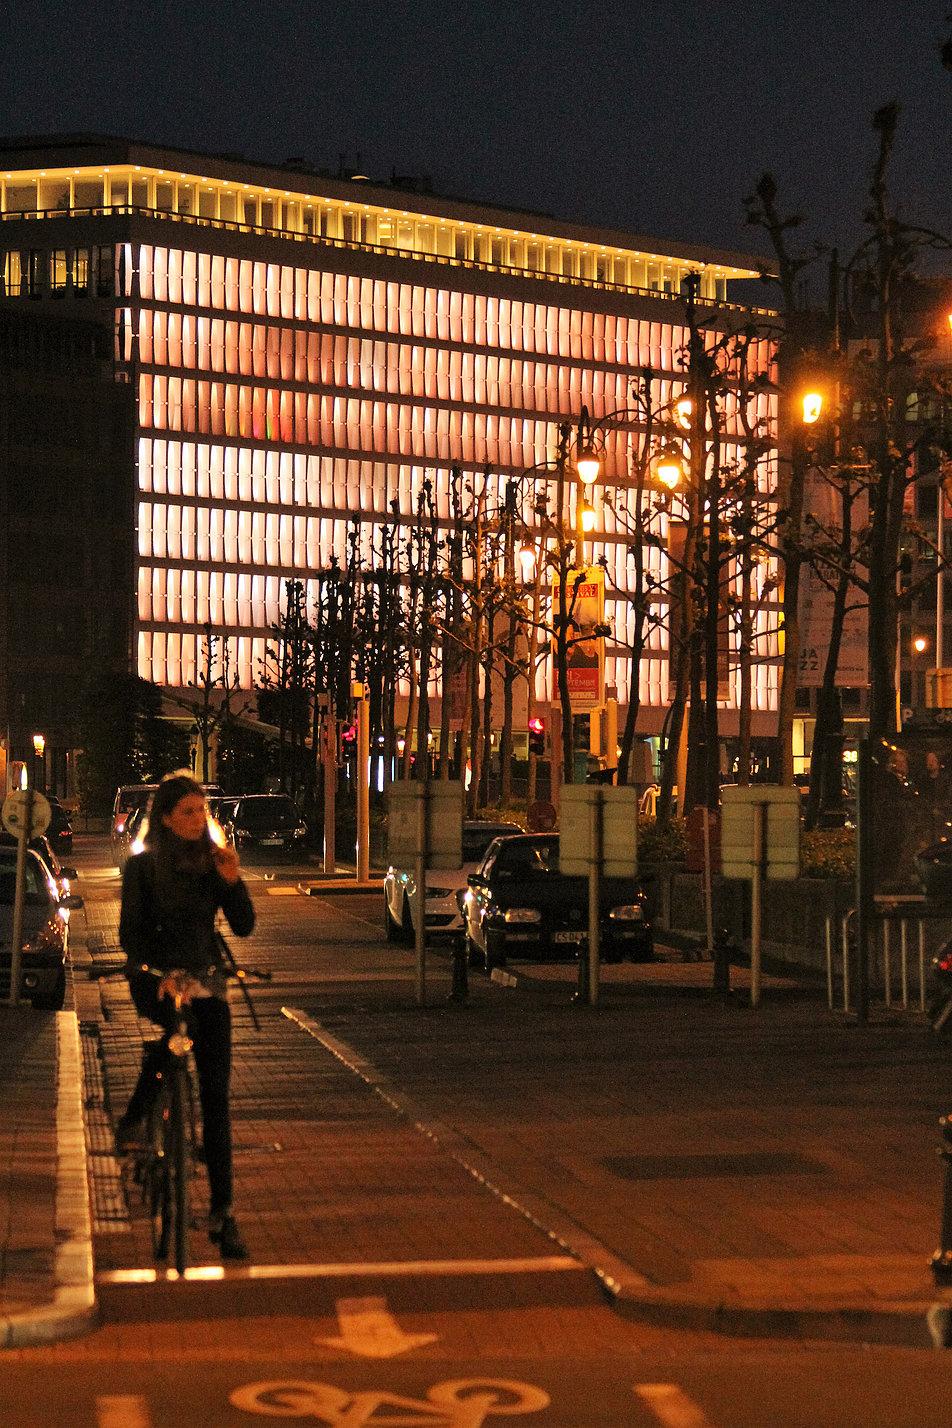 Bruksela. Bank Lambert. Widok fasady w perspektywie Boulevard du Régent. Nocą oświetlenie LED zmienia kolorystykę budynku. Fot. Jerzy S. Majewski